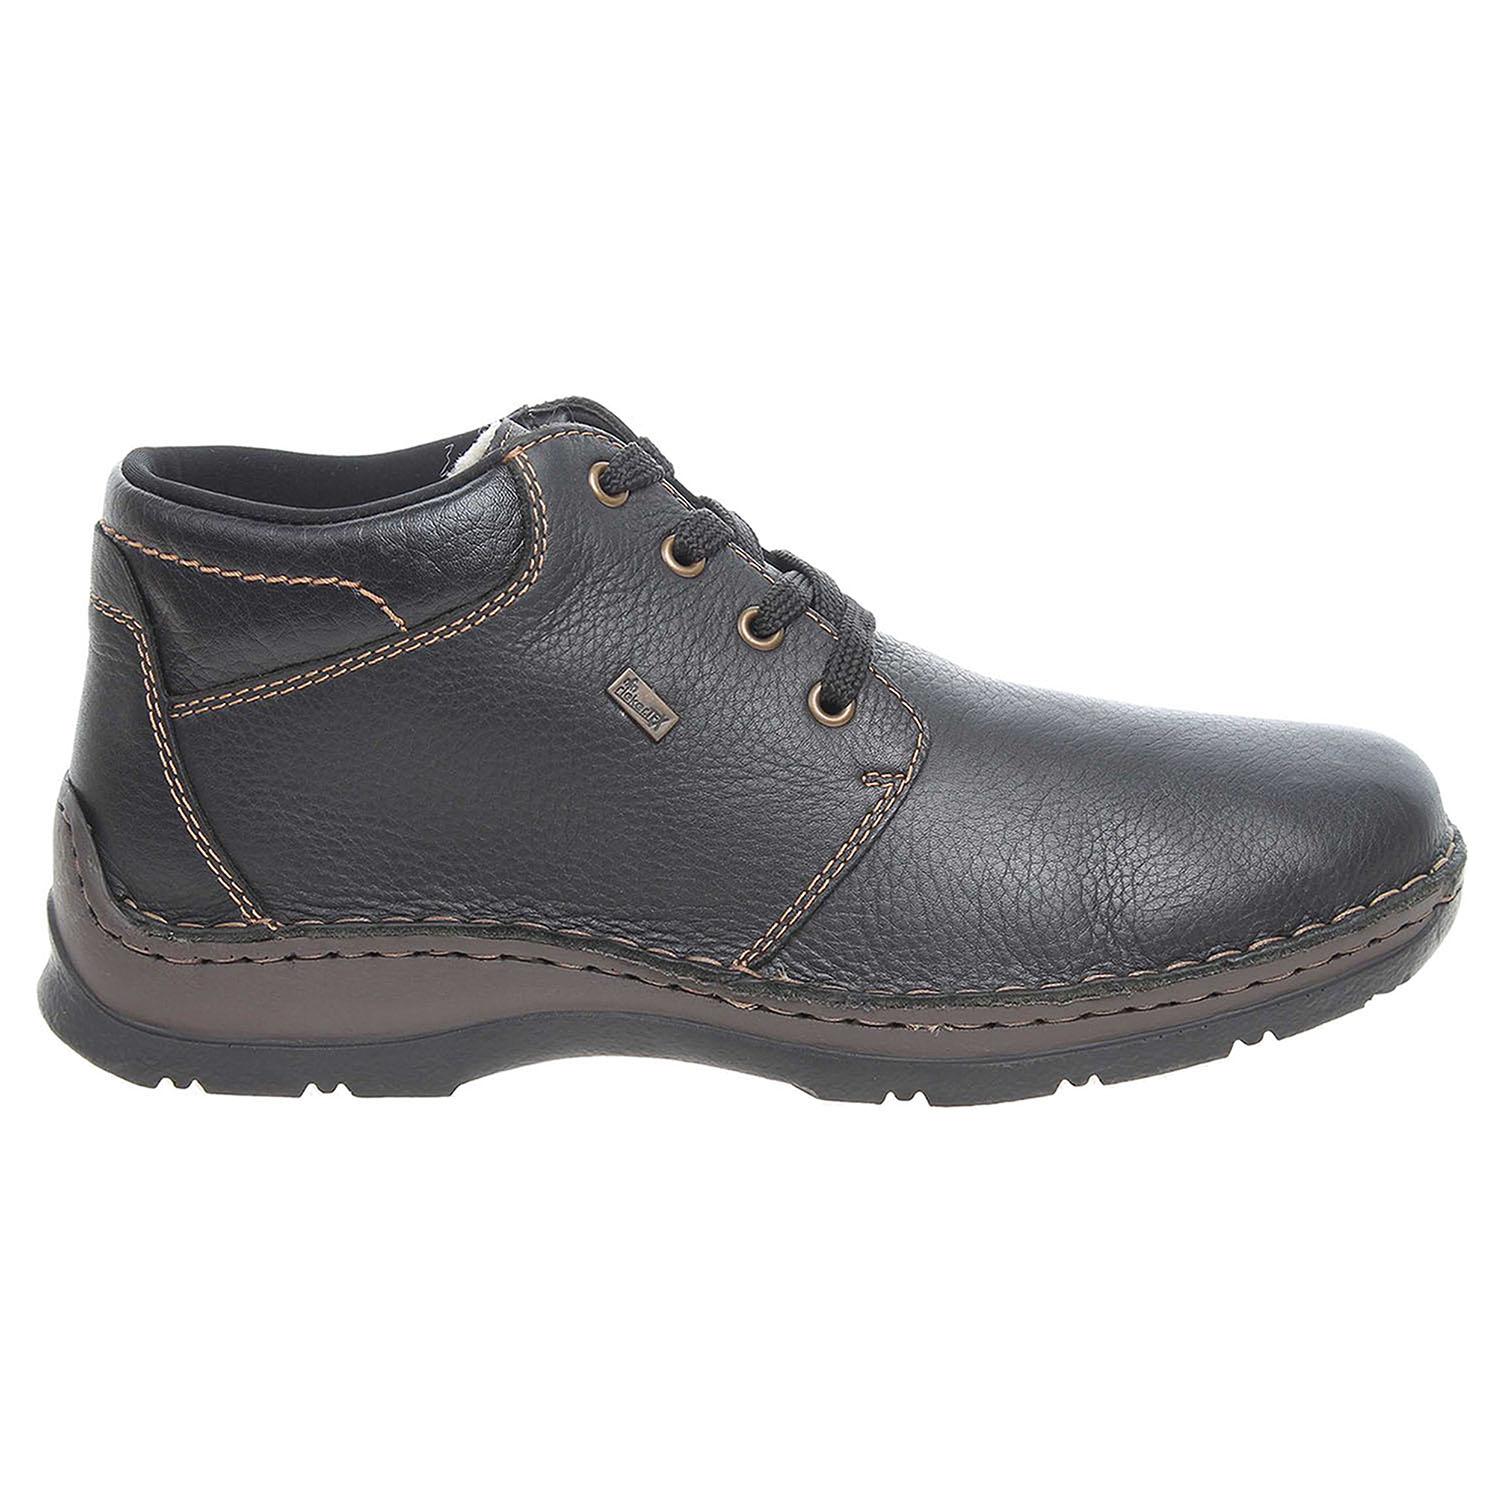 a562c331895d6 Rieker kotníkové pánské 05305-00 černé | REJNOK obuv